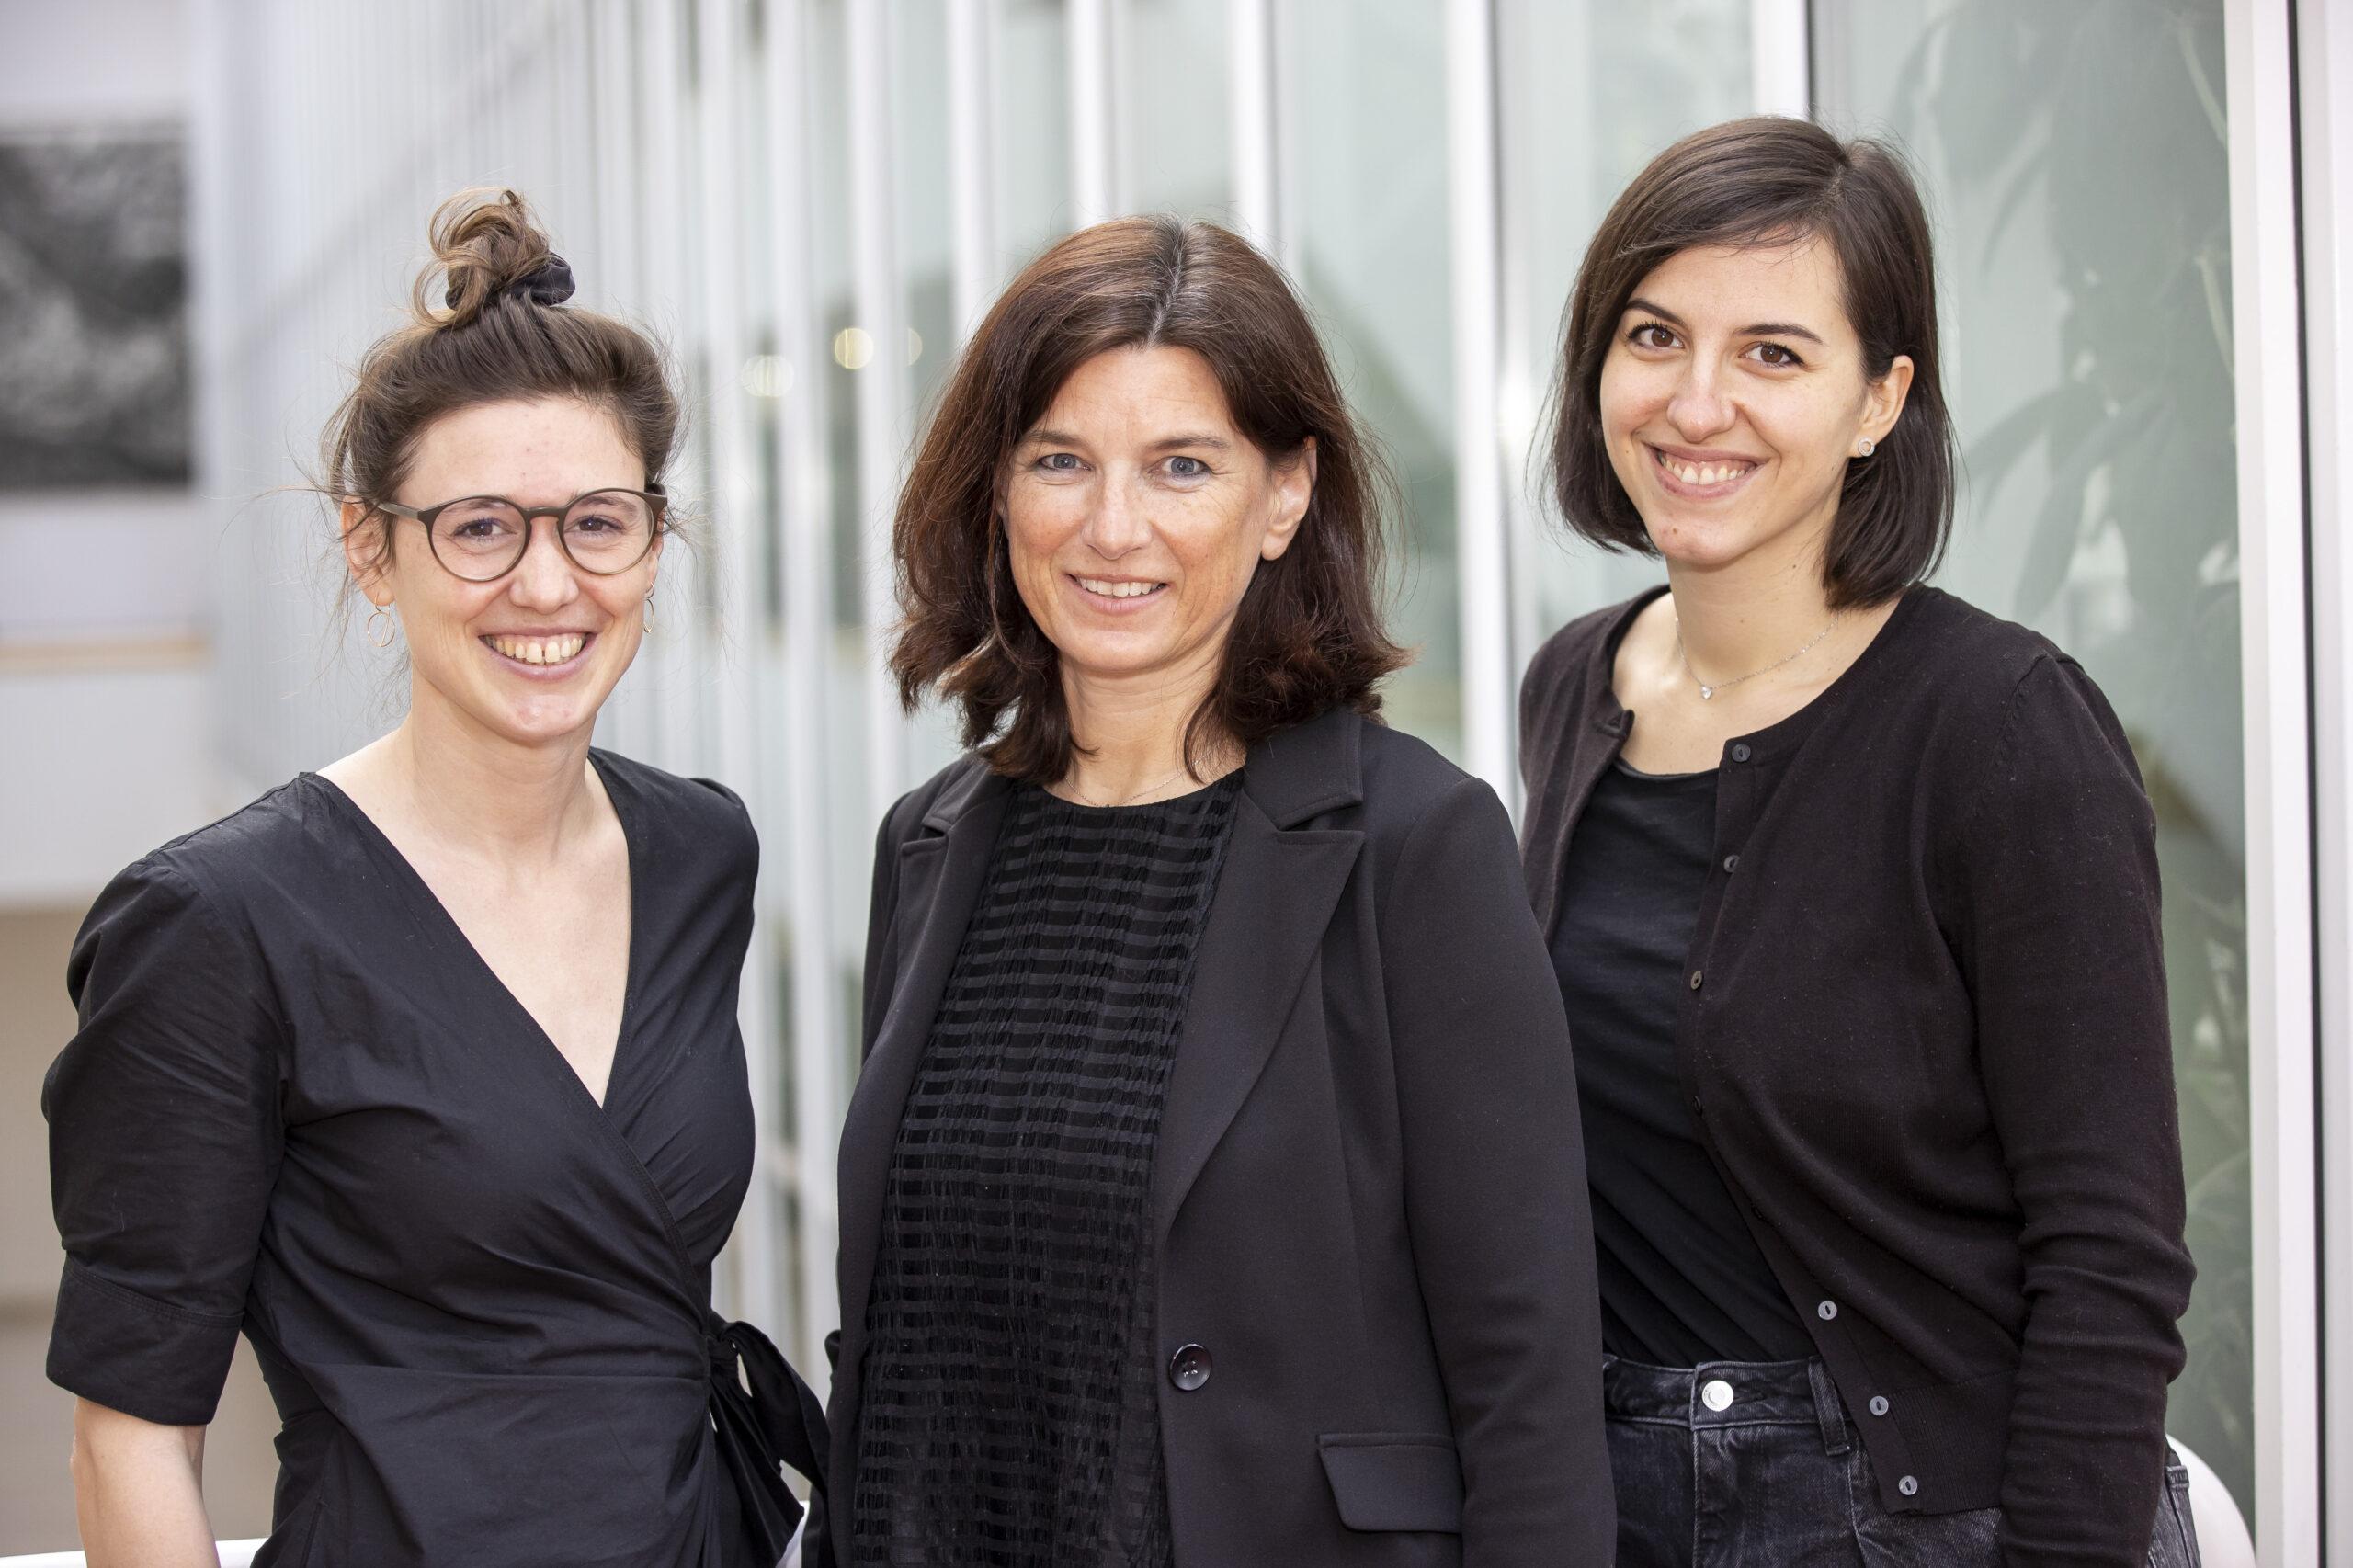 v.l.n.r: Theresa Neuper, Jutta Horejs-Höck, Muamera Sarajlic